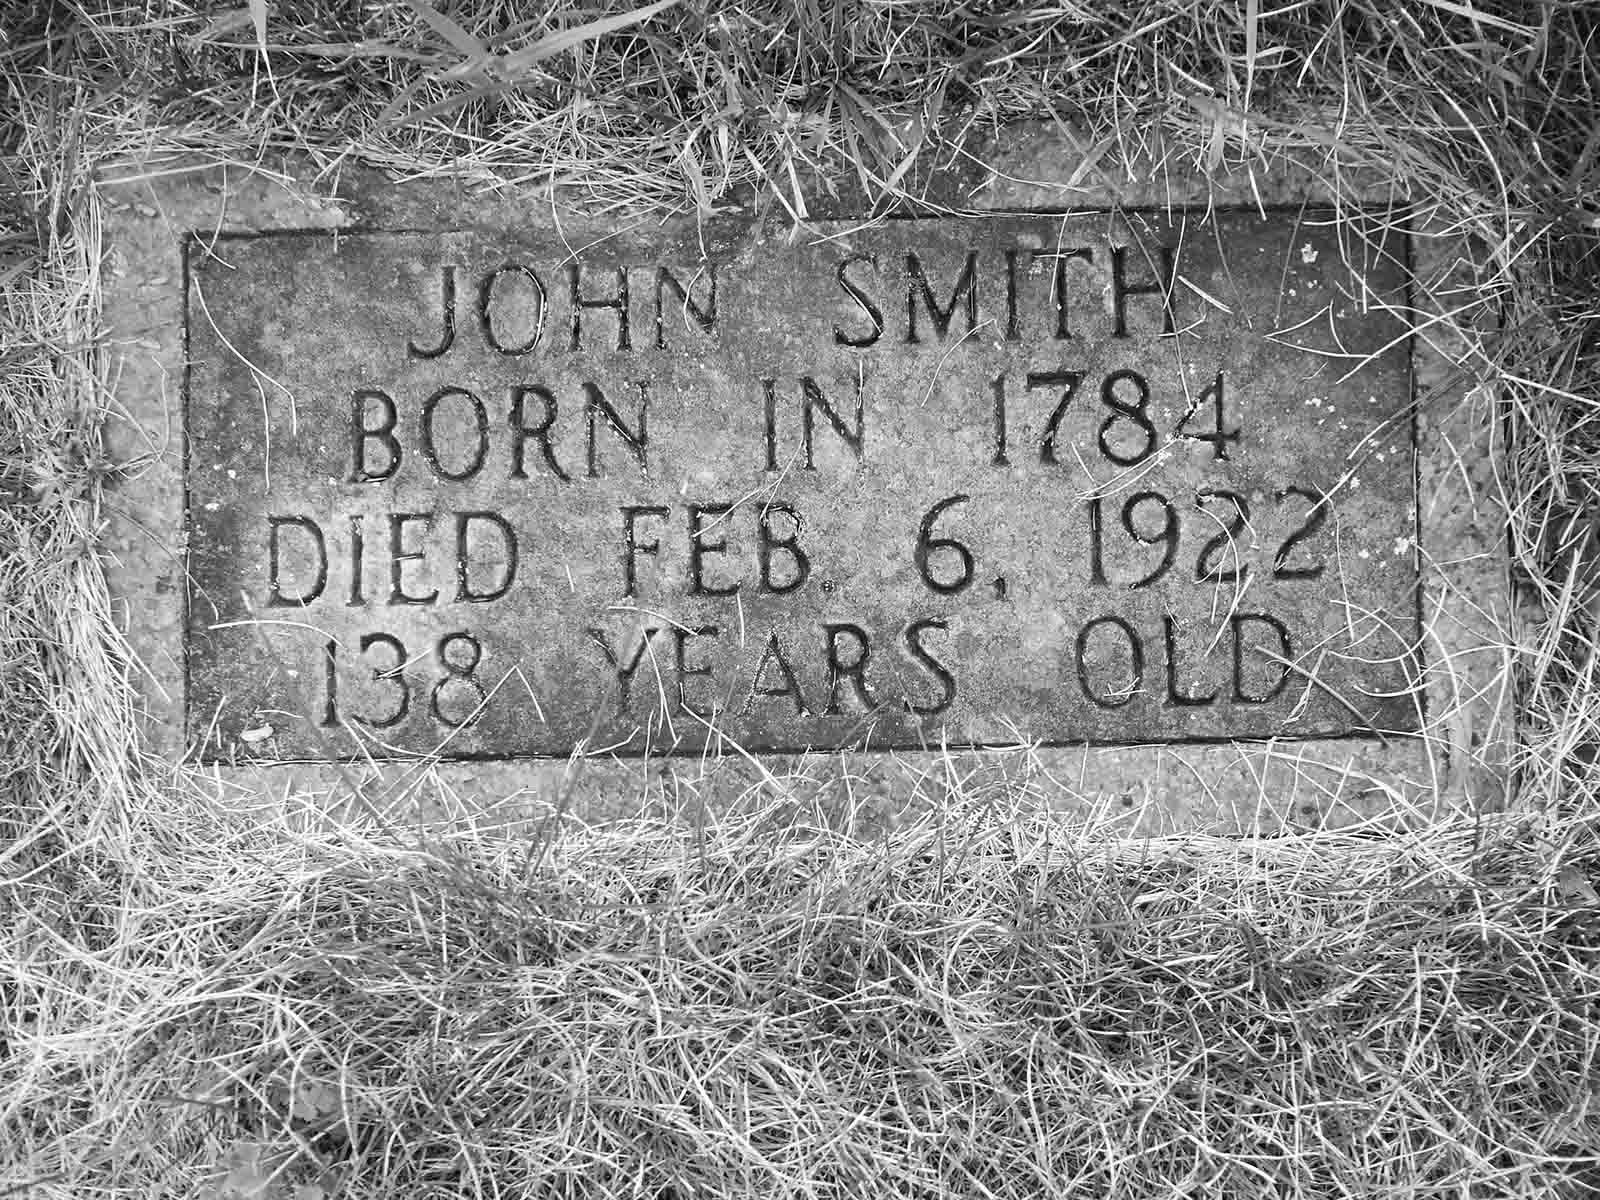 chief john smith 6 - Possivelmente estes senhores foram - A pessoa mais velha do mundo